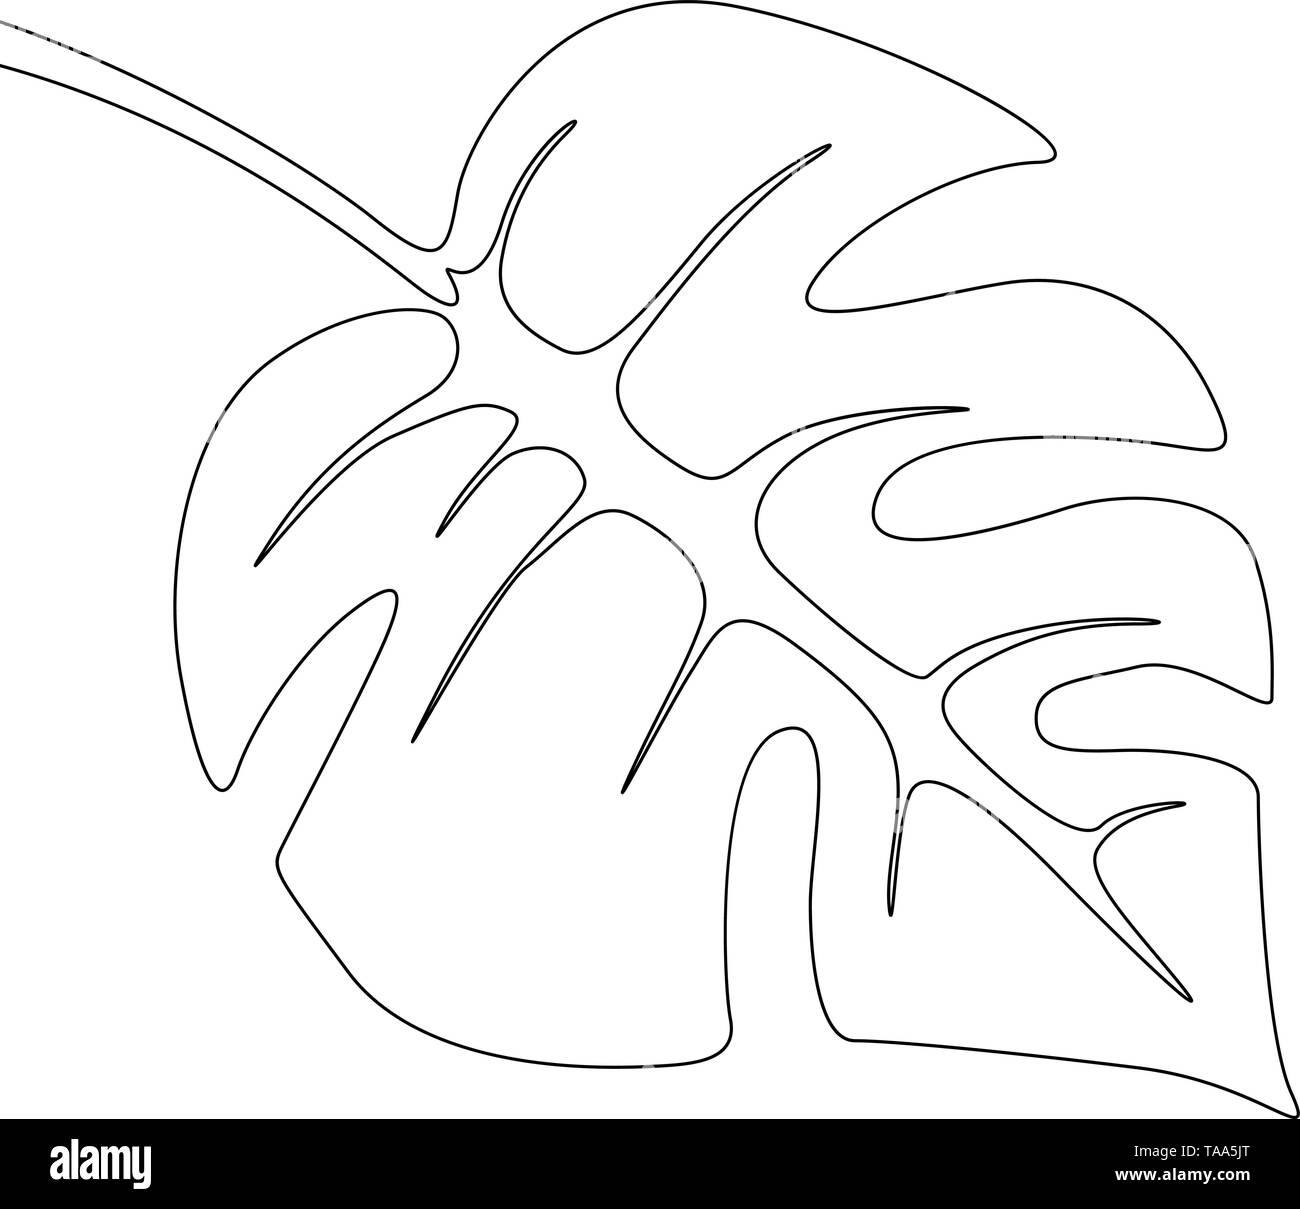 Eine Strichzeichnung monstera Blatt. Durchgehende Linie exotische tropische Pflanzen. Stockbild